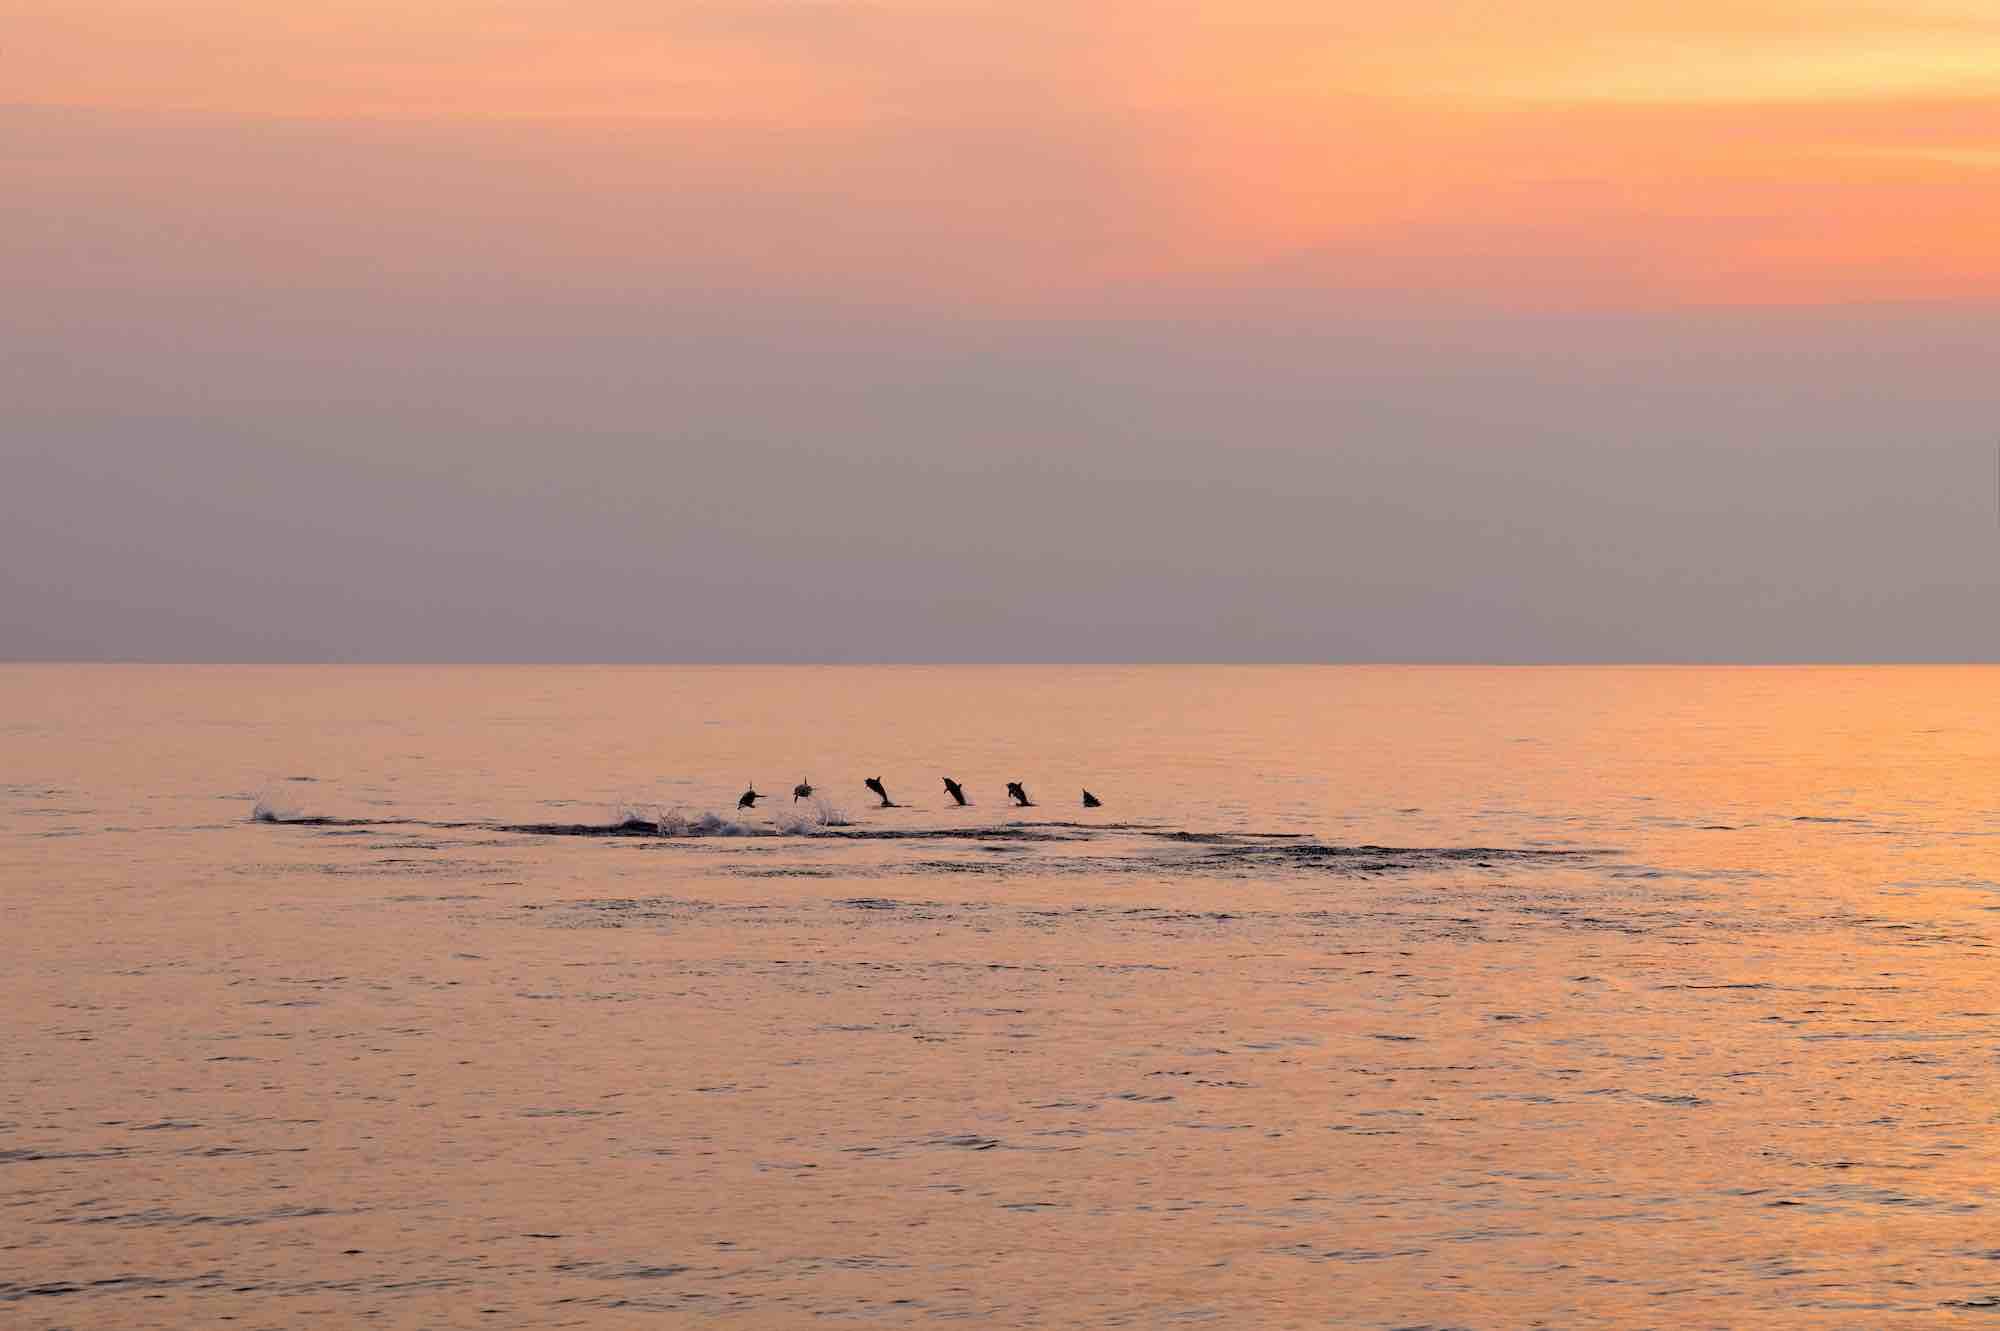 Andaman Islands_dolphin group dumping sailing holiday_XS.jpeg